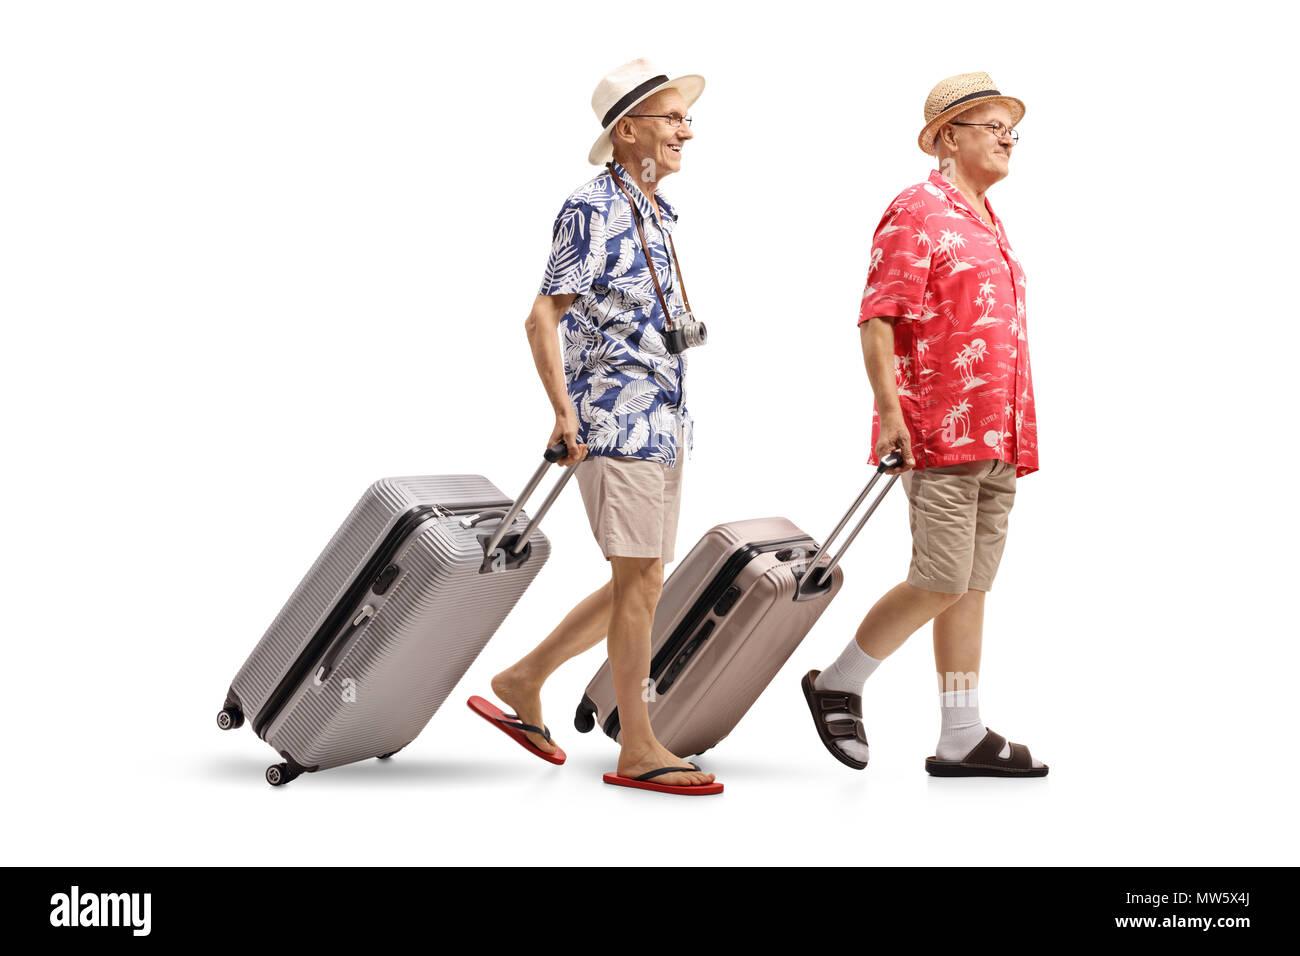 Per tutta la lunghezza del profilo di colpo due anziani turisti con valigie pochi isolati su sfondo bianco Immagini Stock